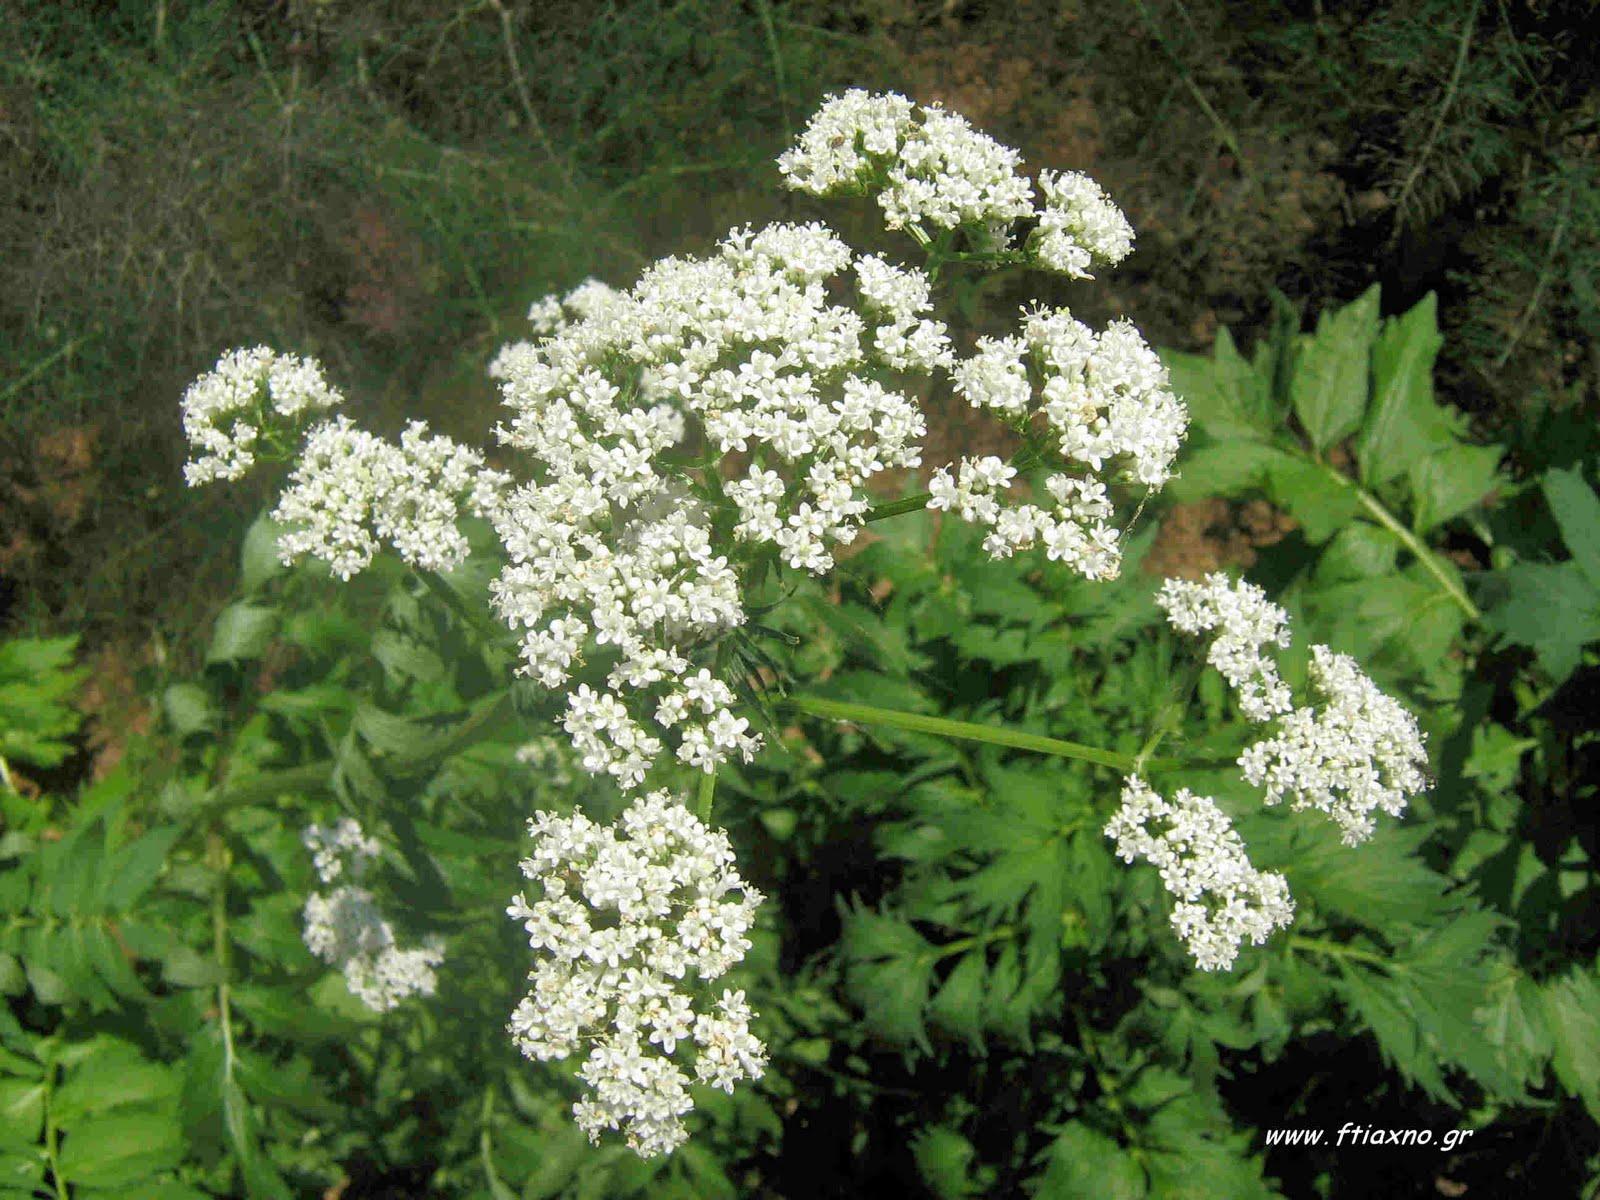 Βαλεριάνα σπορά φύτεμα καλλιέργεια